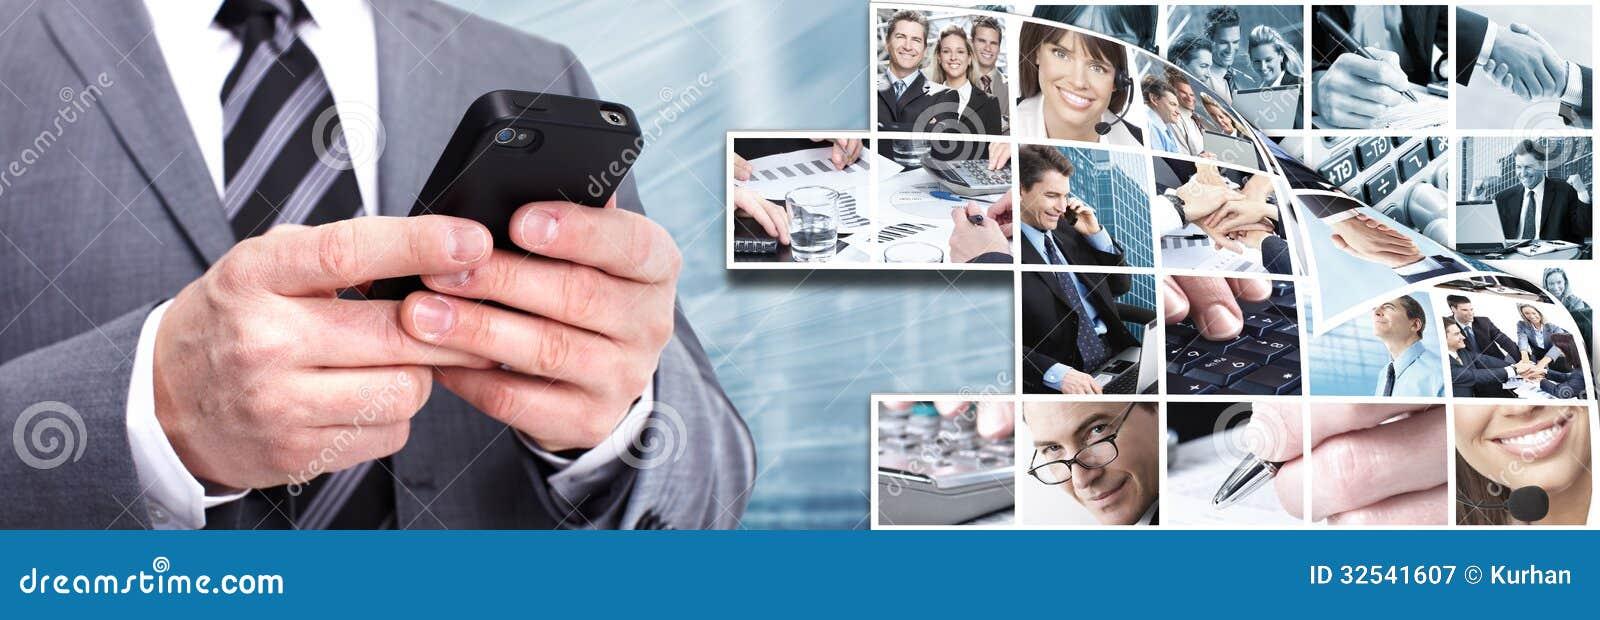 Επιχειρηματίας με ένα smartphone.